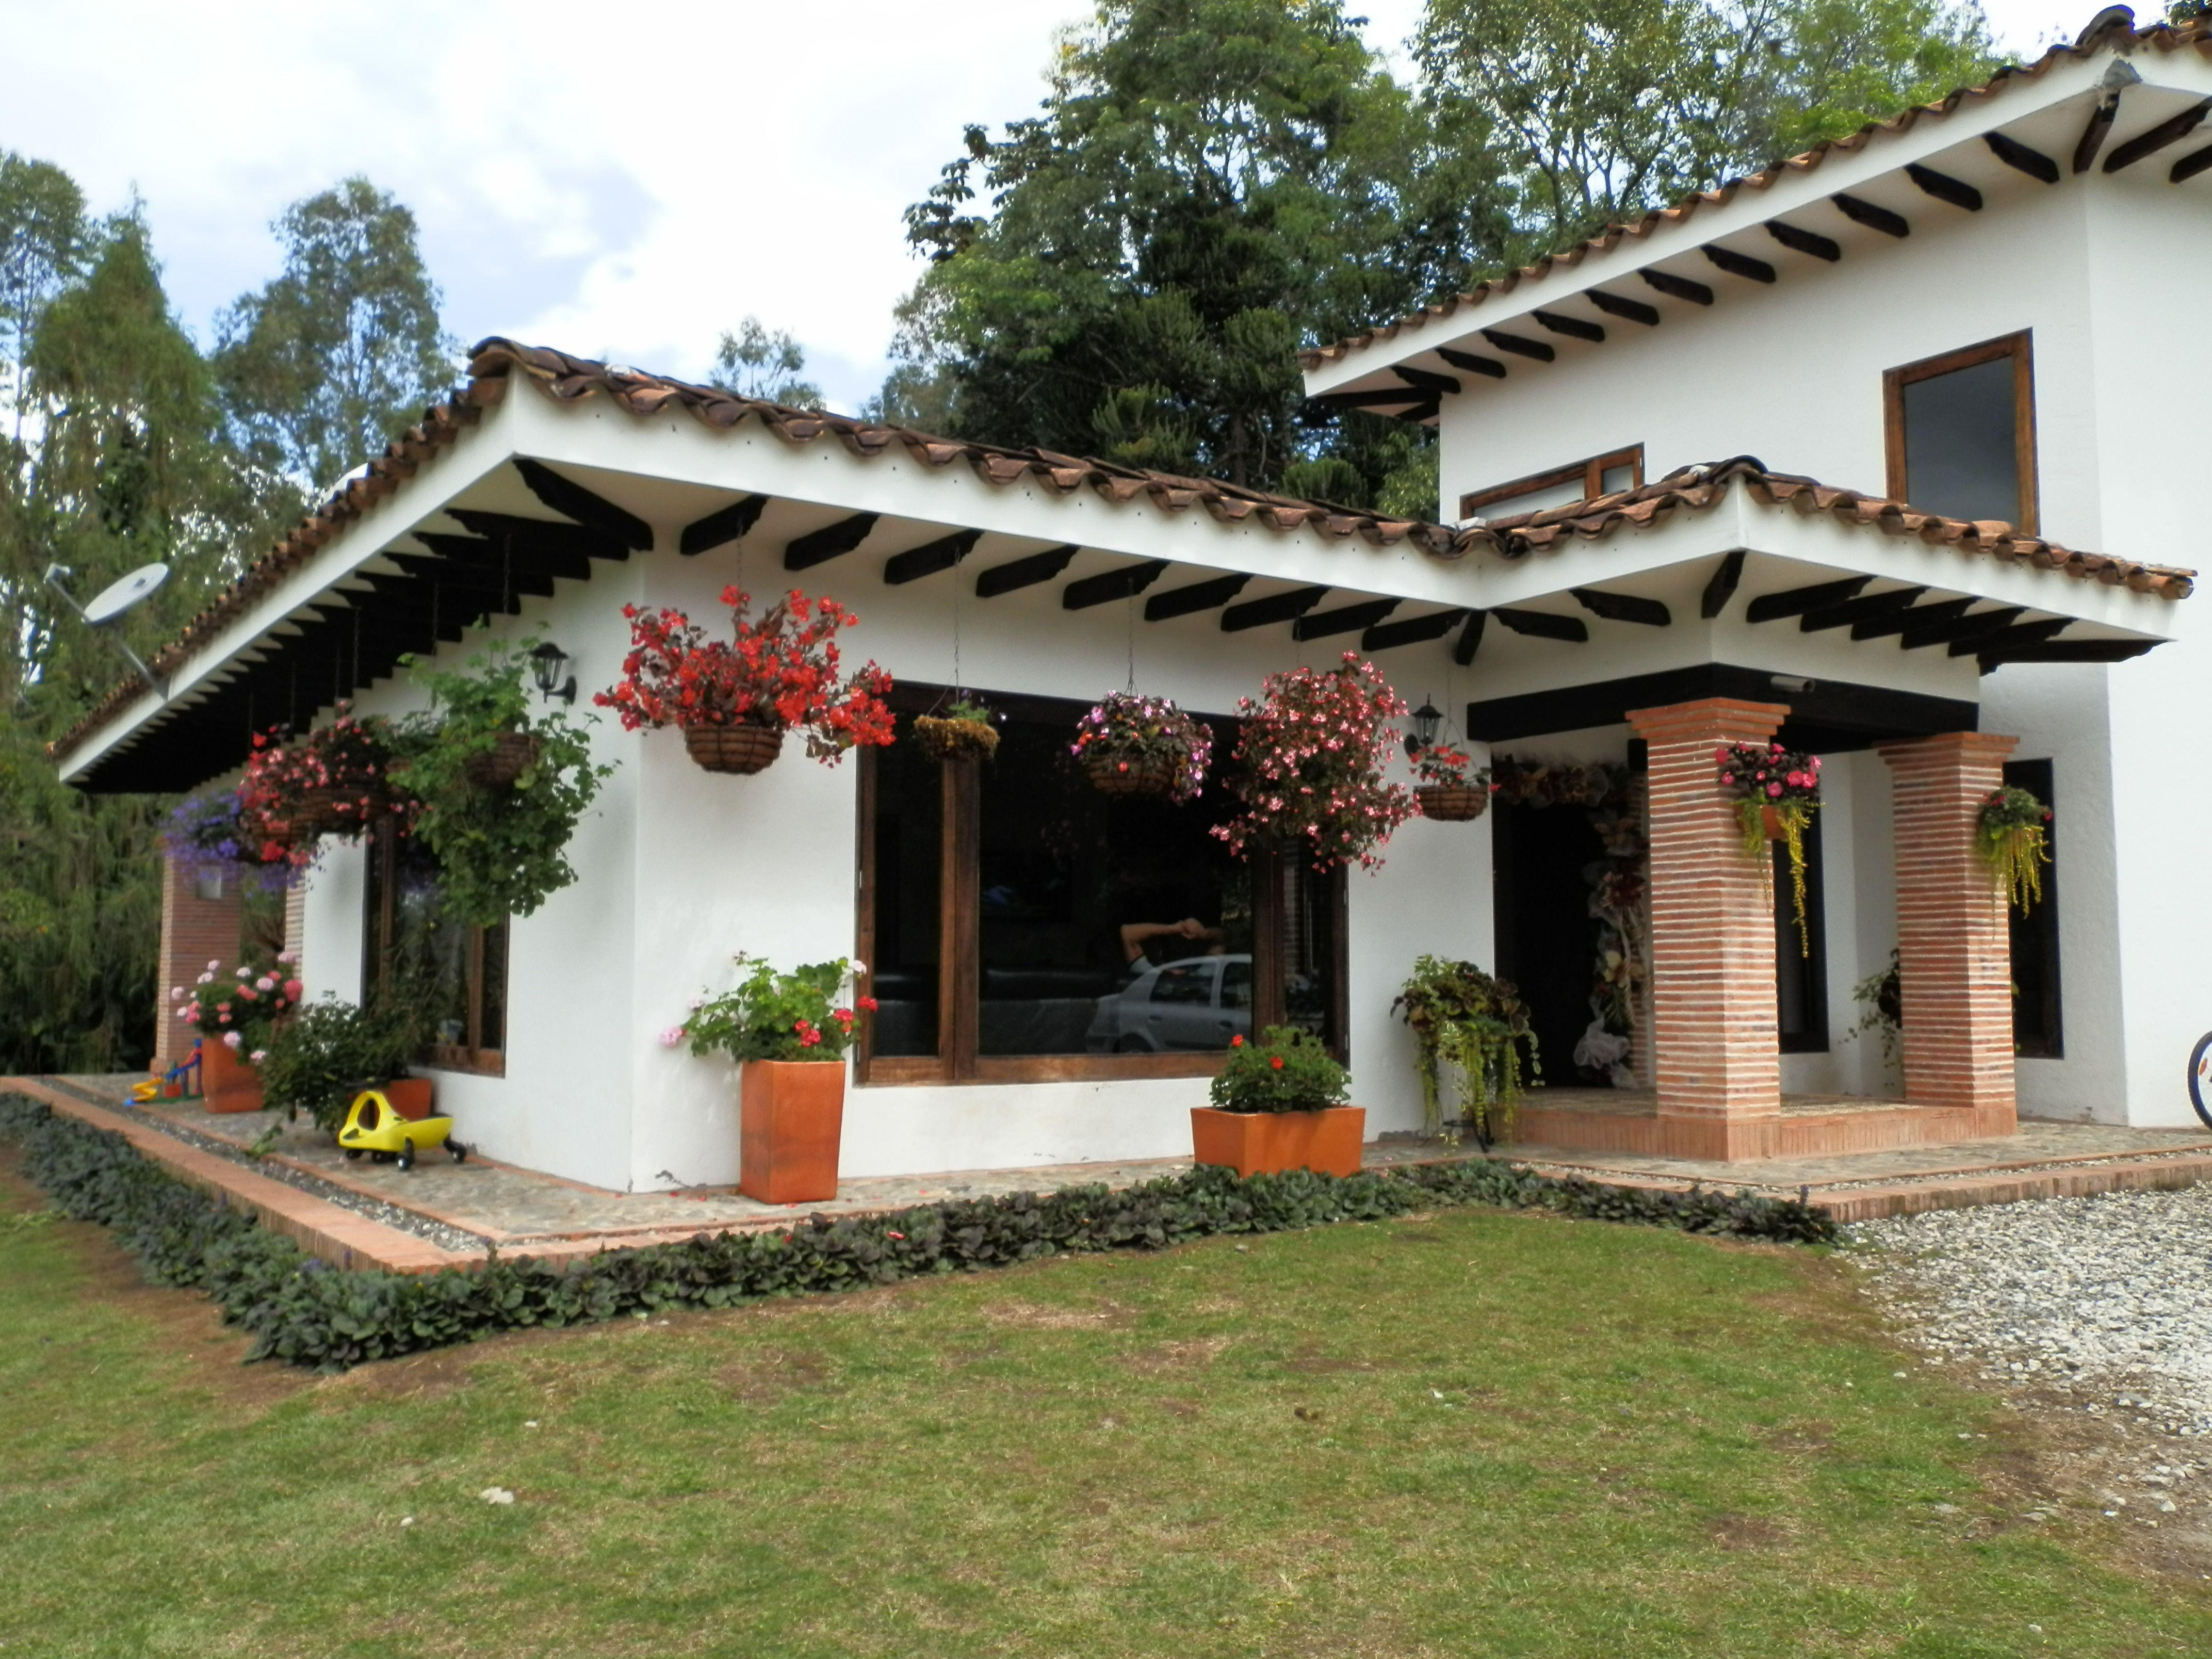 Casa finca llanogrande antioquia casas pinterest - Ideas para casas rurales ...